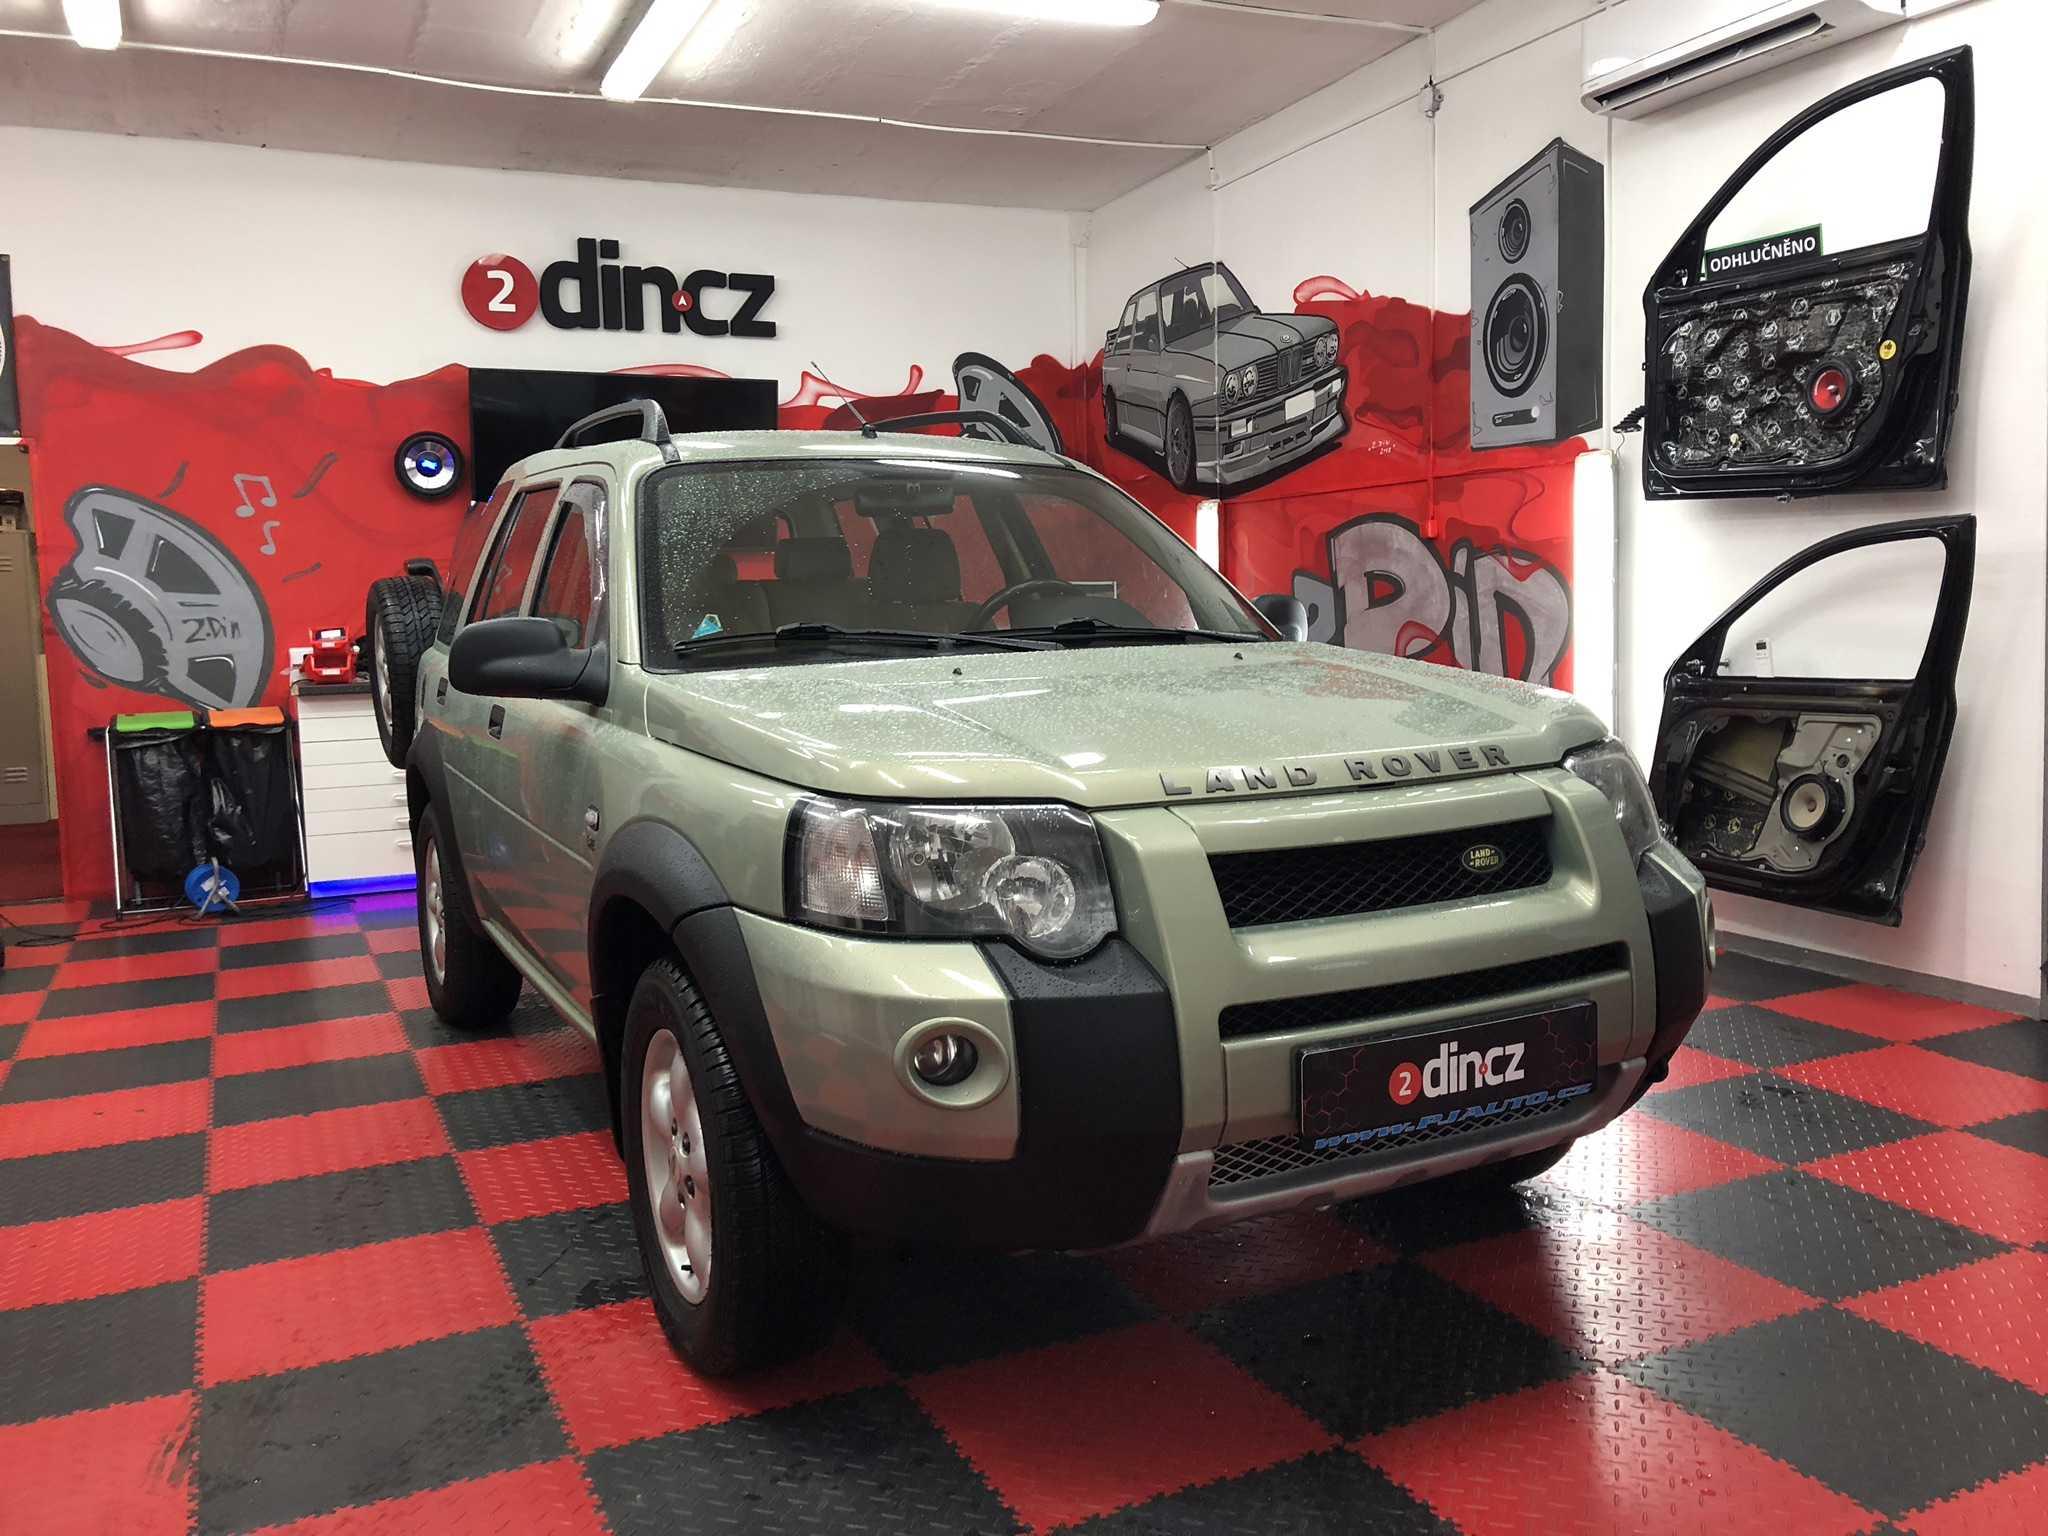 Land Rover Freelander - Montáž 2din autorádia a couvací kamery